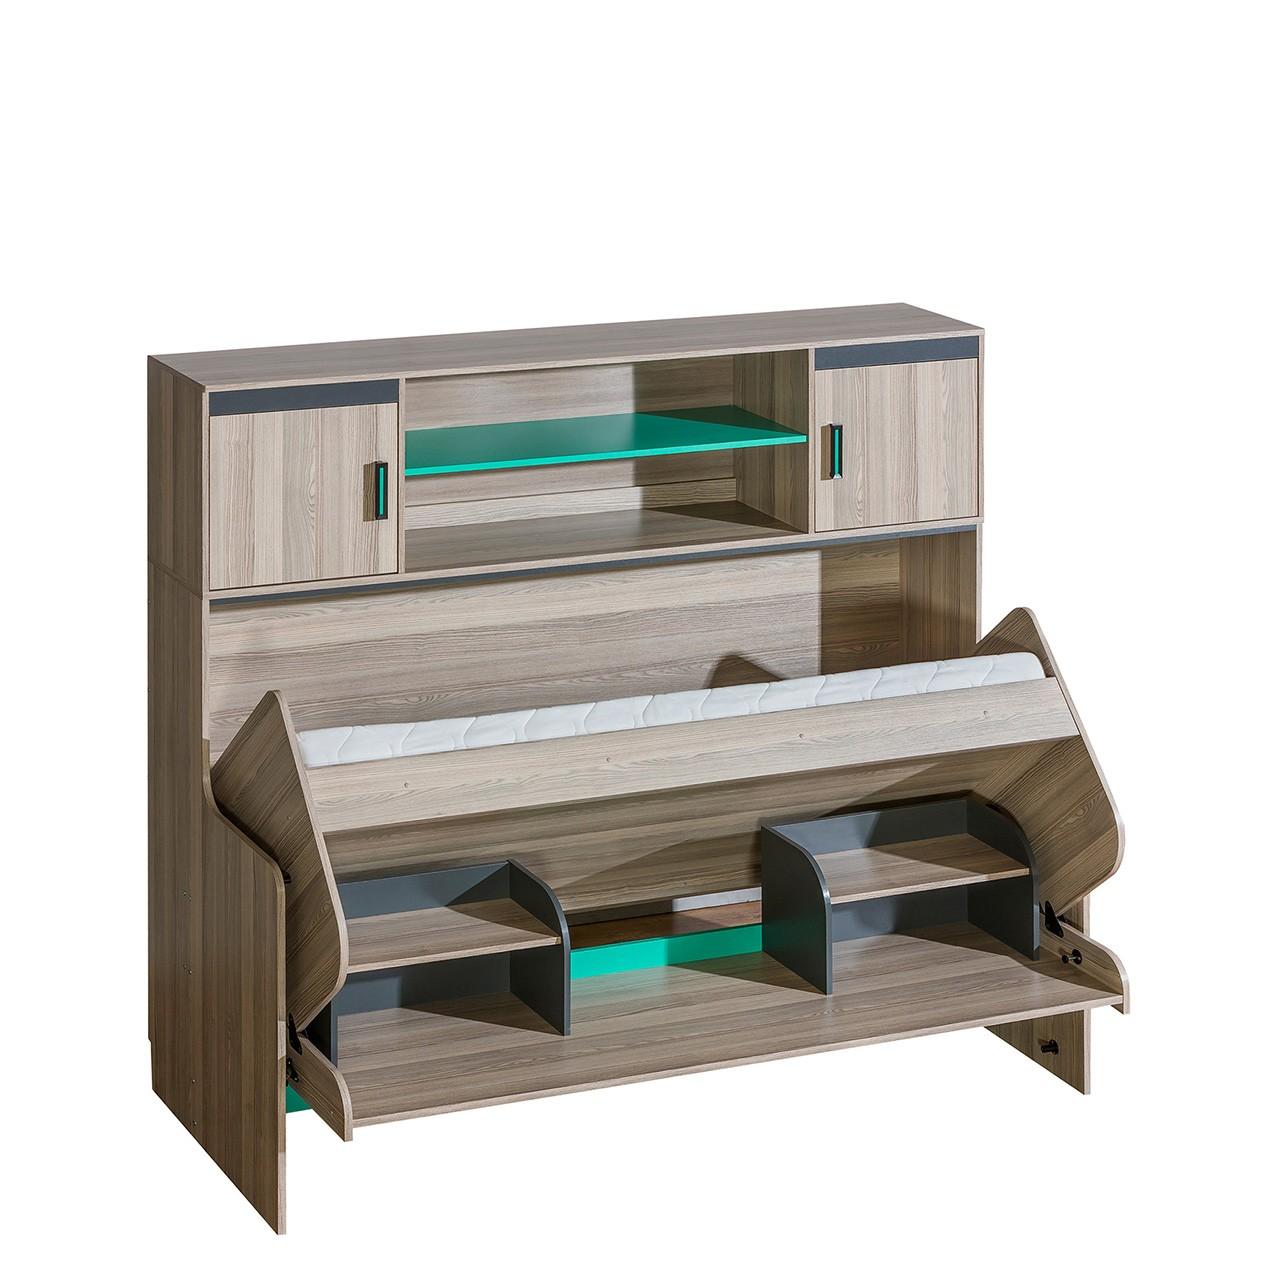 jugendbett und schreibtisch mit aufsatz numinos mirjan24. Black Bedroom Furniture Sets. Home Design Ideas